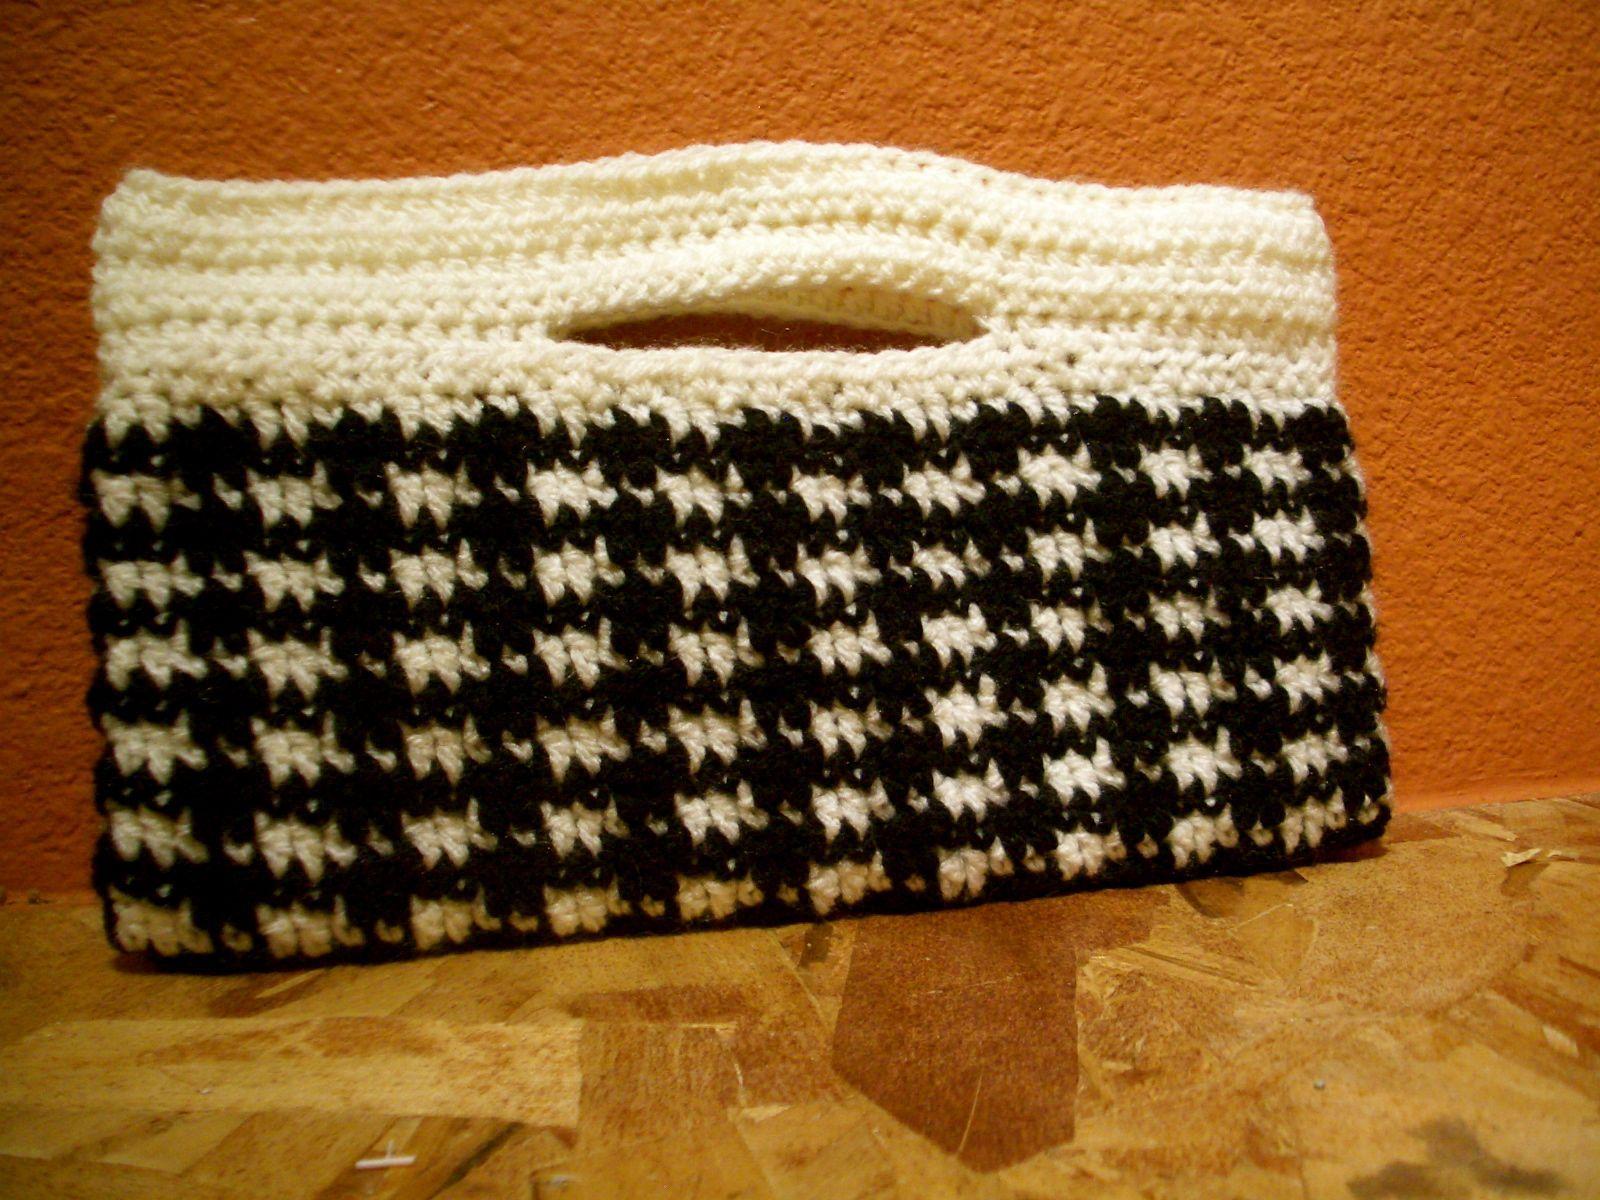 Crochet Patterns Visual : crochet